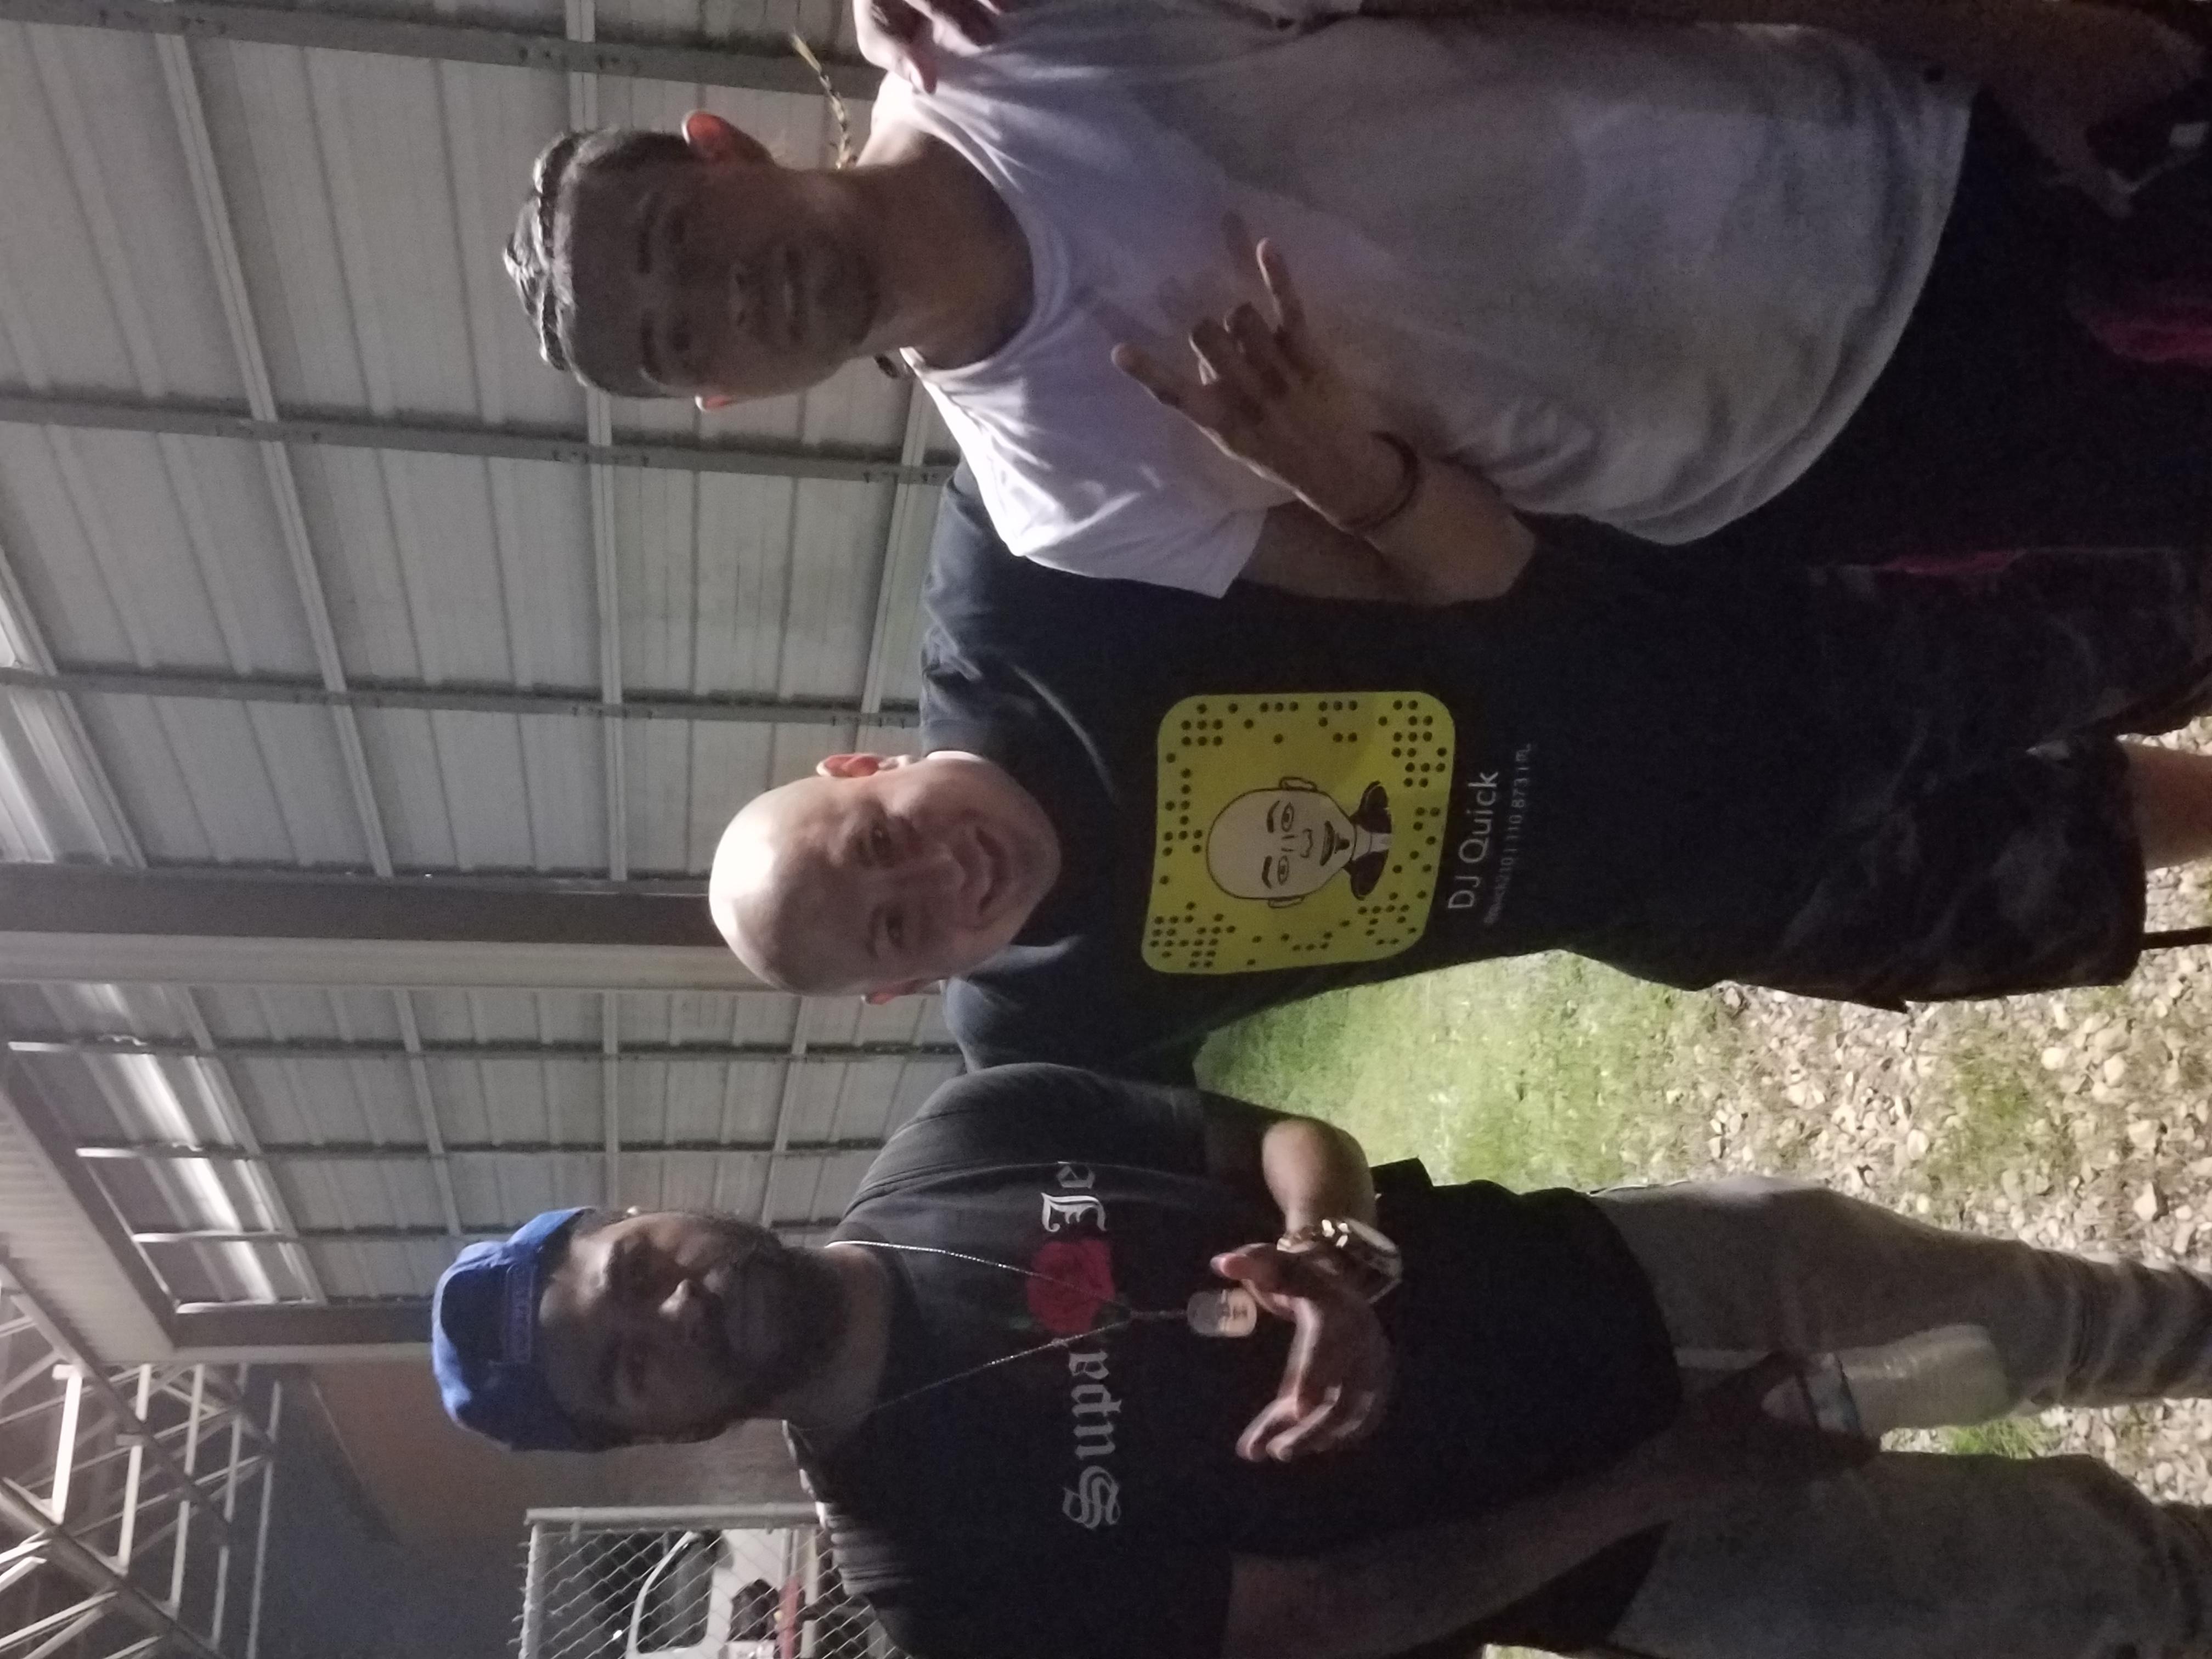 DJ D93, DJ Quick & Kap G